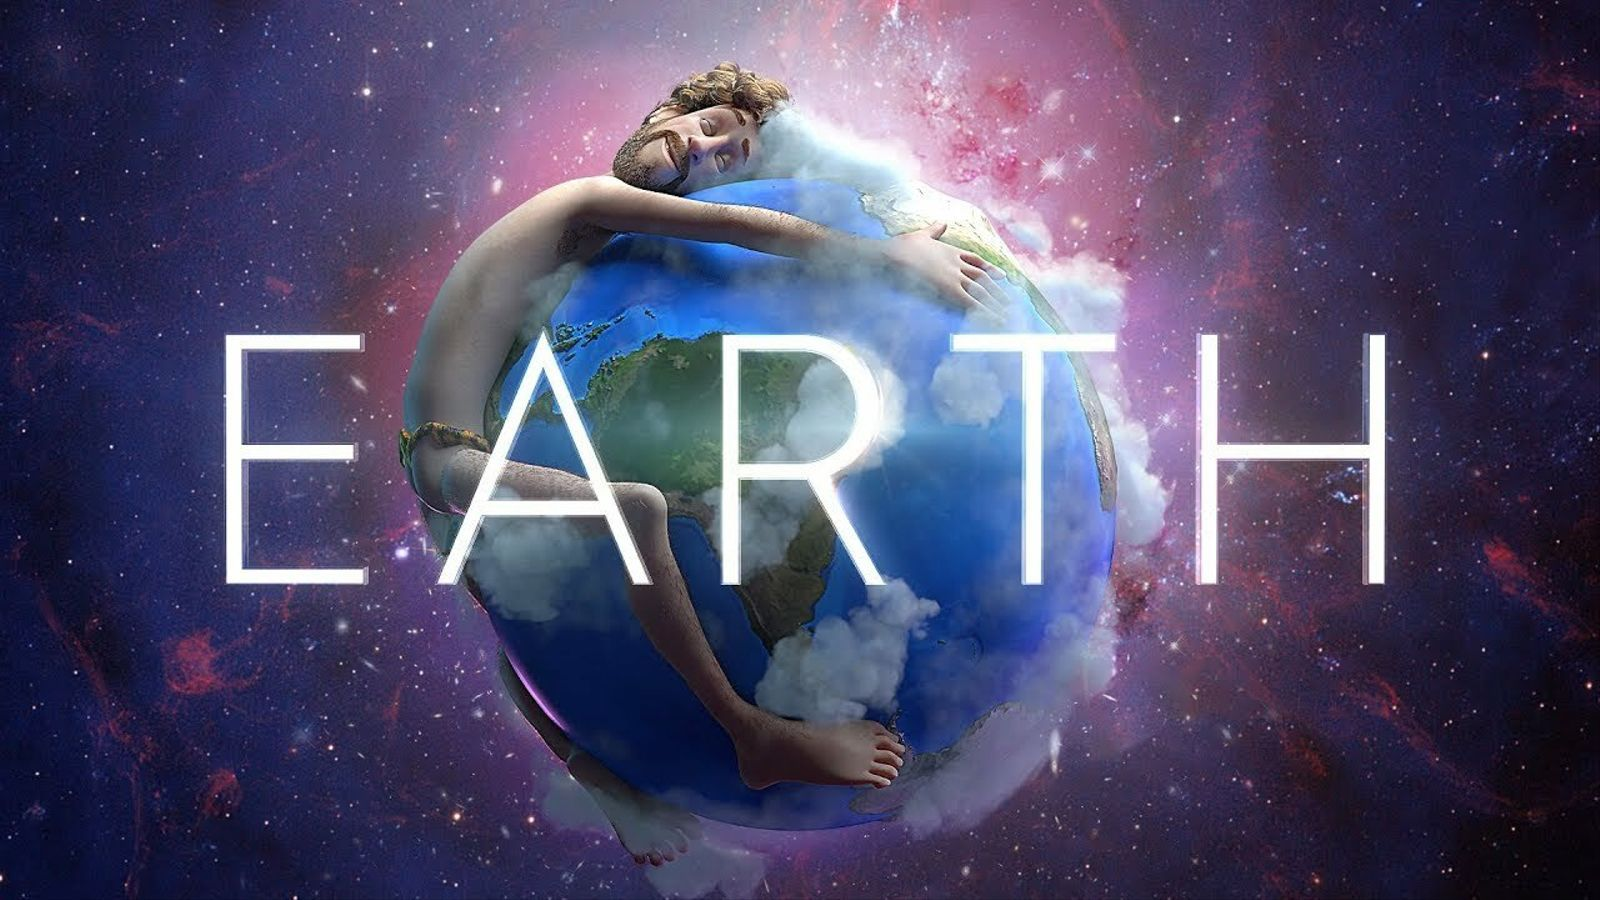 Videoclip del tema 'Earth'